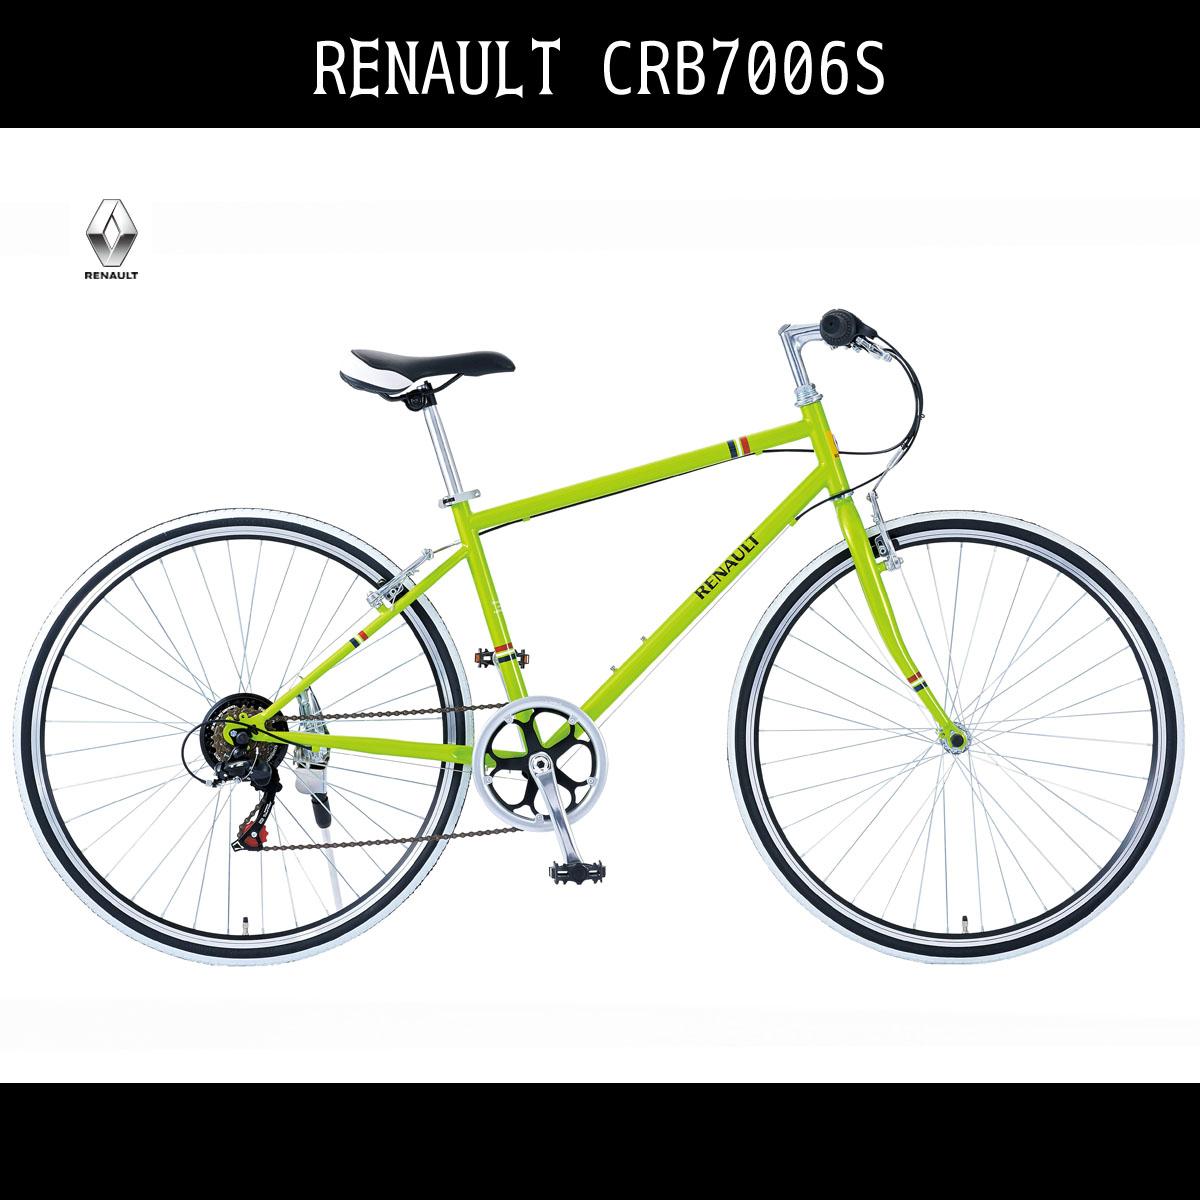 配送先一都三県一部地域限定 自転車 ルノー CRB7006S 外装6段変速ギア付き 軽量 クロスバイク 700c 緑色 グリーン 自転車 RENAULT ルノー 自転車 クロスバイク 送料無料 激安 通販 おしゃれ 安い